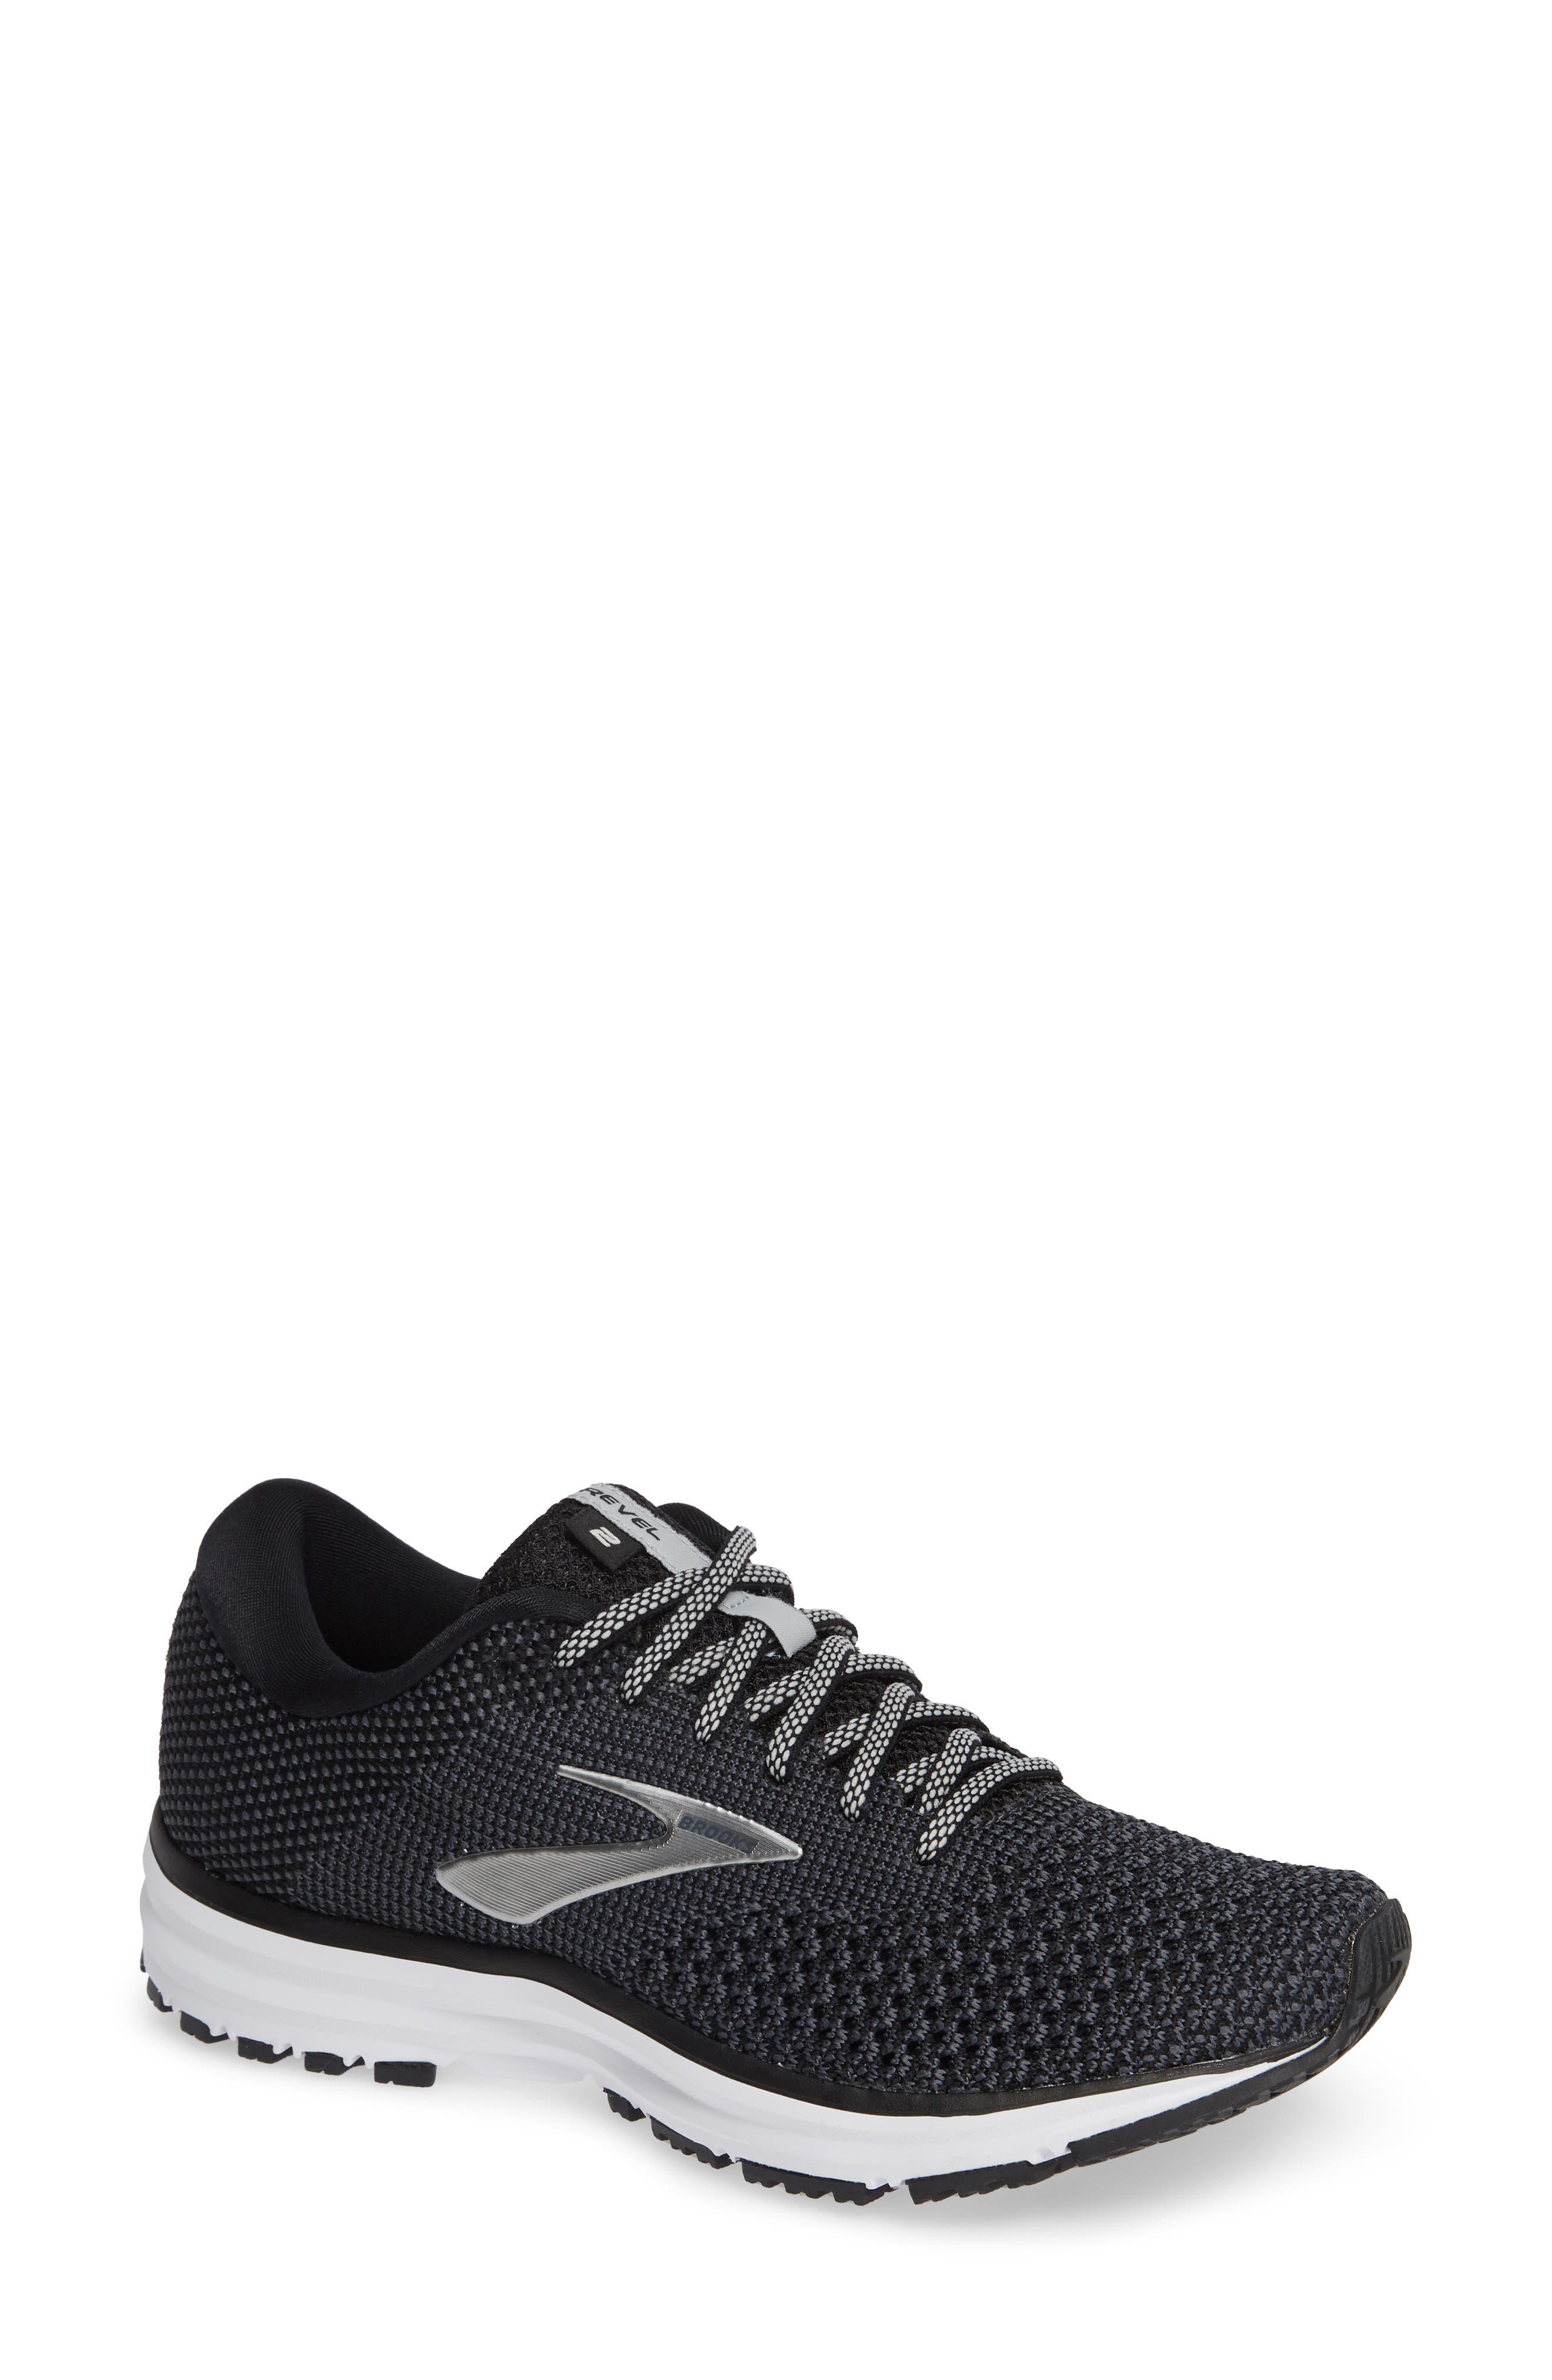 Brooks Revel 2 Running Shoe, Black